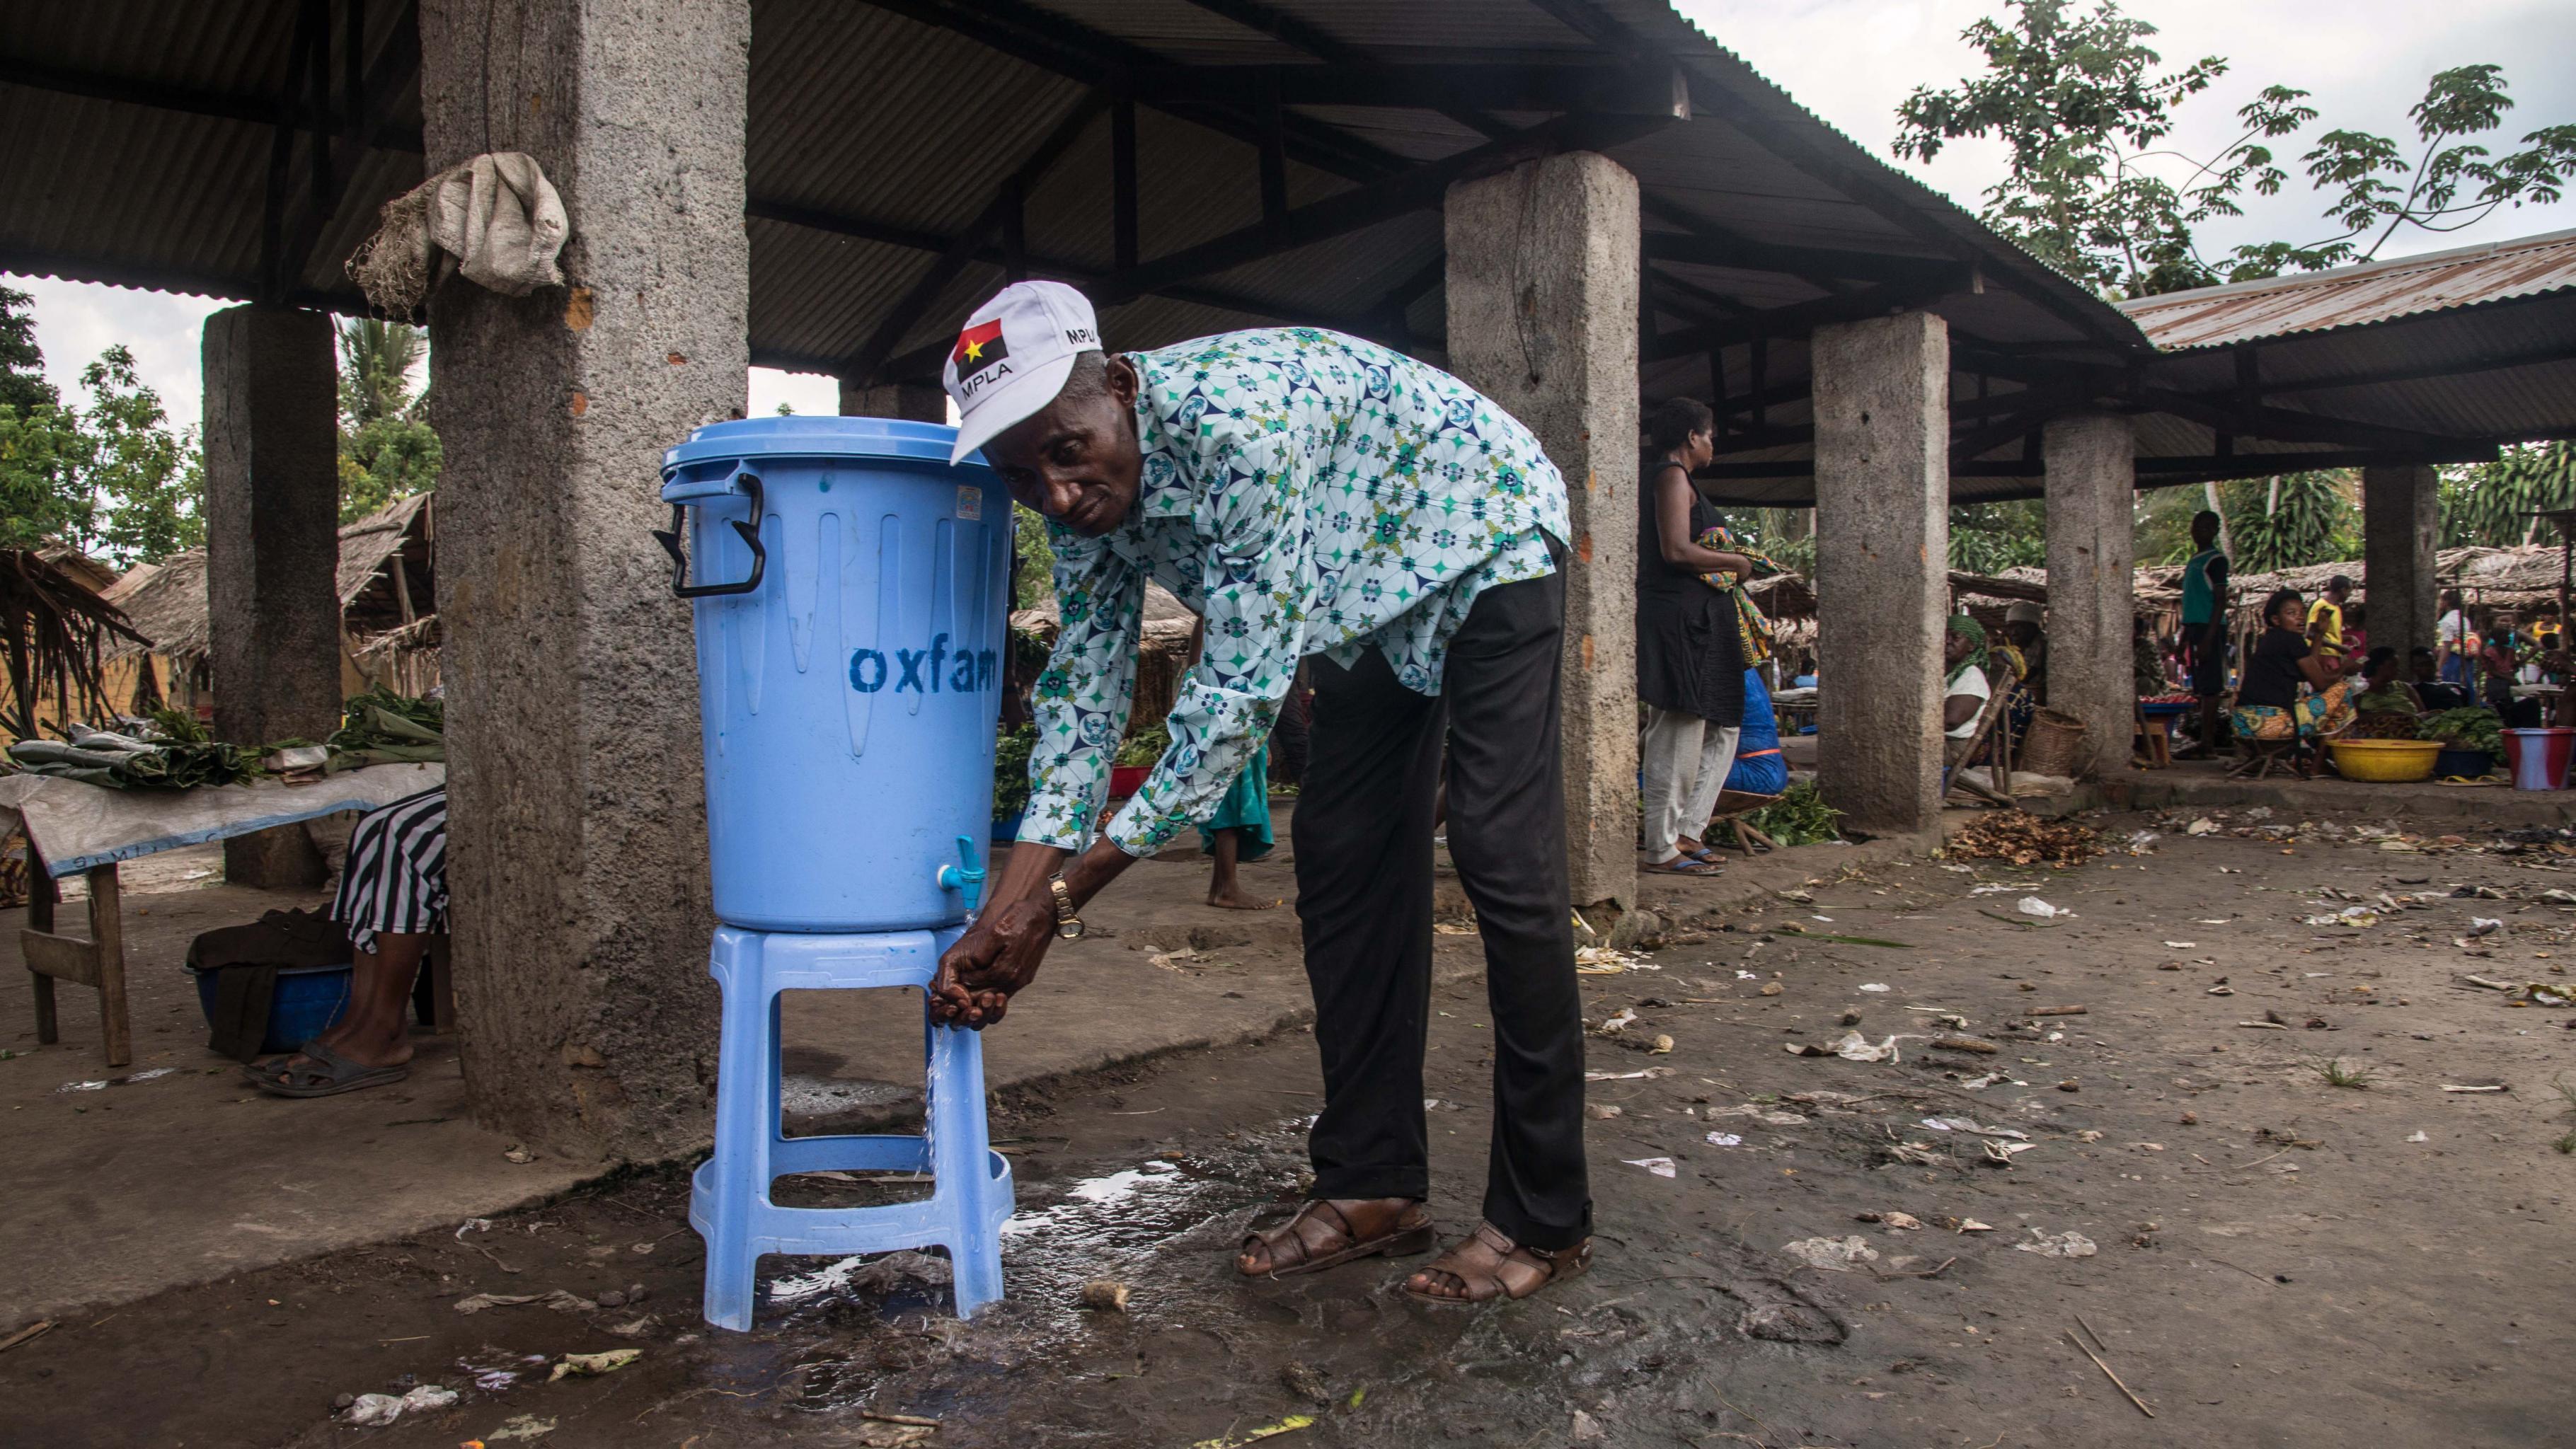 Ein Mann wäscht sich die Hände an einer Oxfam-Wasserstelle.